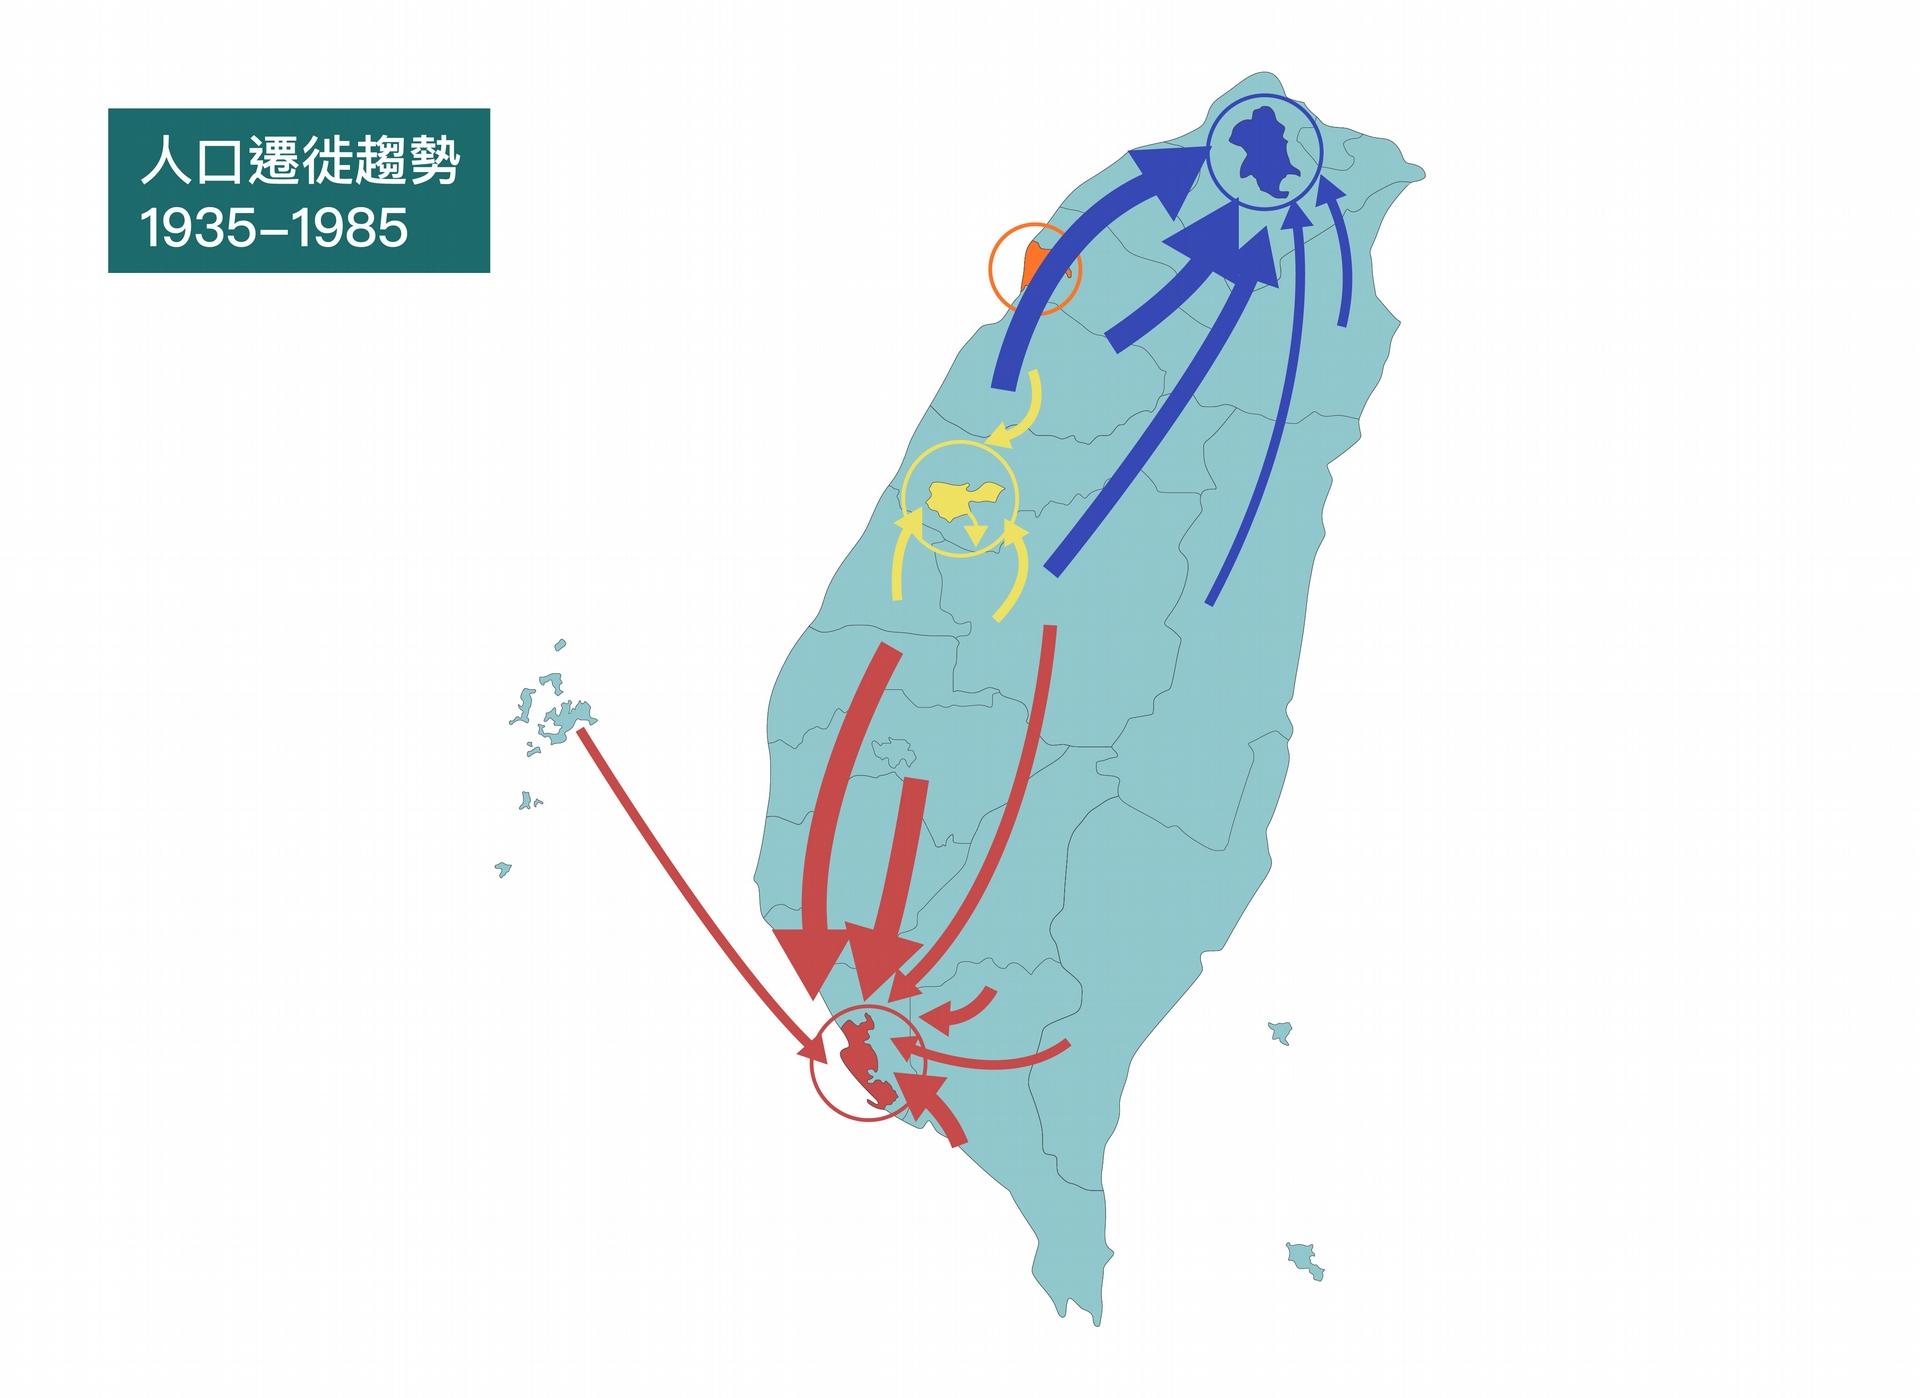 「人力運用擬-追蹤調查資料庫」分析結果顯示,1935-1985 年代,農村人口主要往臺北、高雄分流,尋找輕重工業的工作機會。 資料來源│林季平提供 圖說重製│張語辰